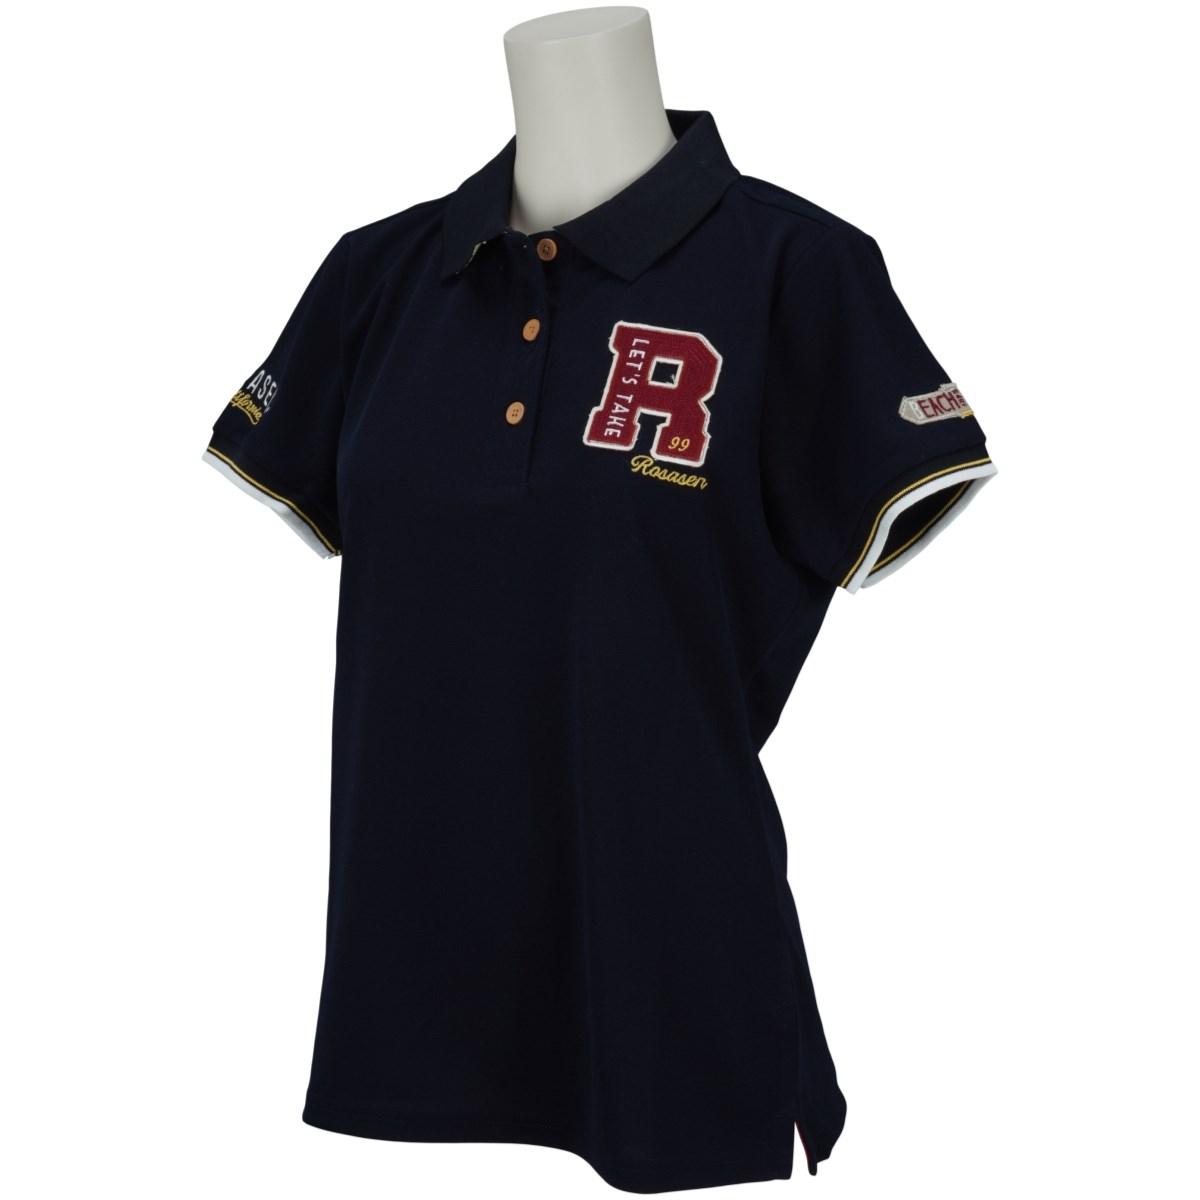 ロサーセン ROSASEN 鹿の子ロゴ盛り半袖ポロシャツ 40(M) ネイビー 098 レディス